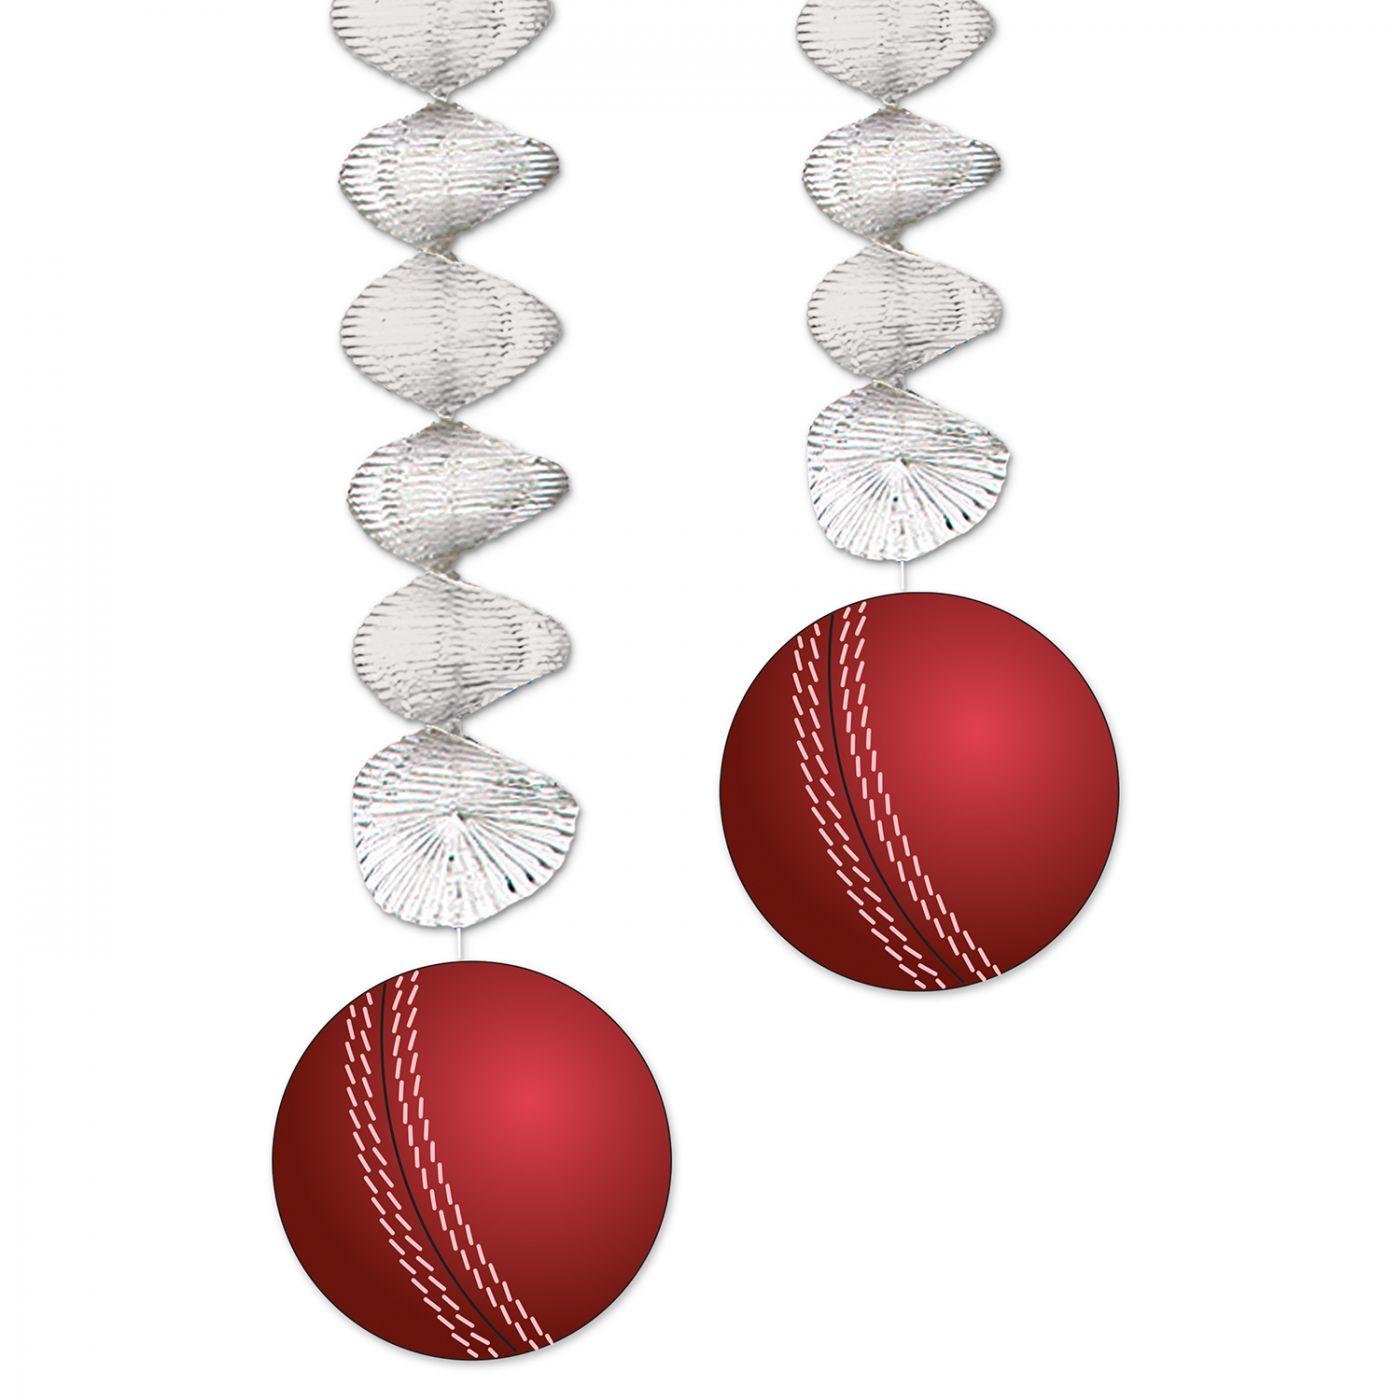 Cricket Ball Danglers image